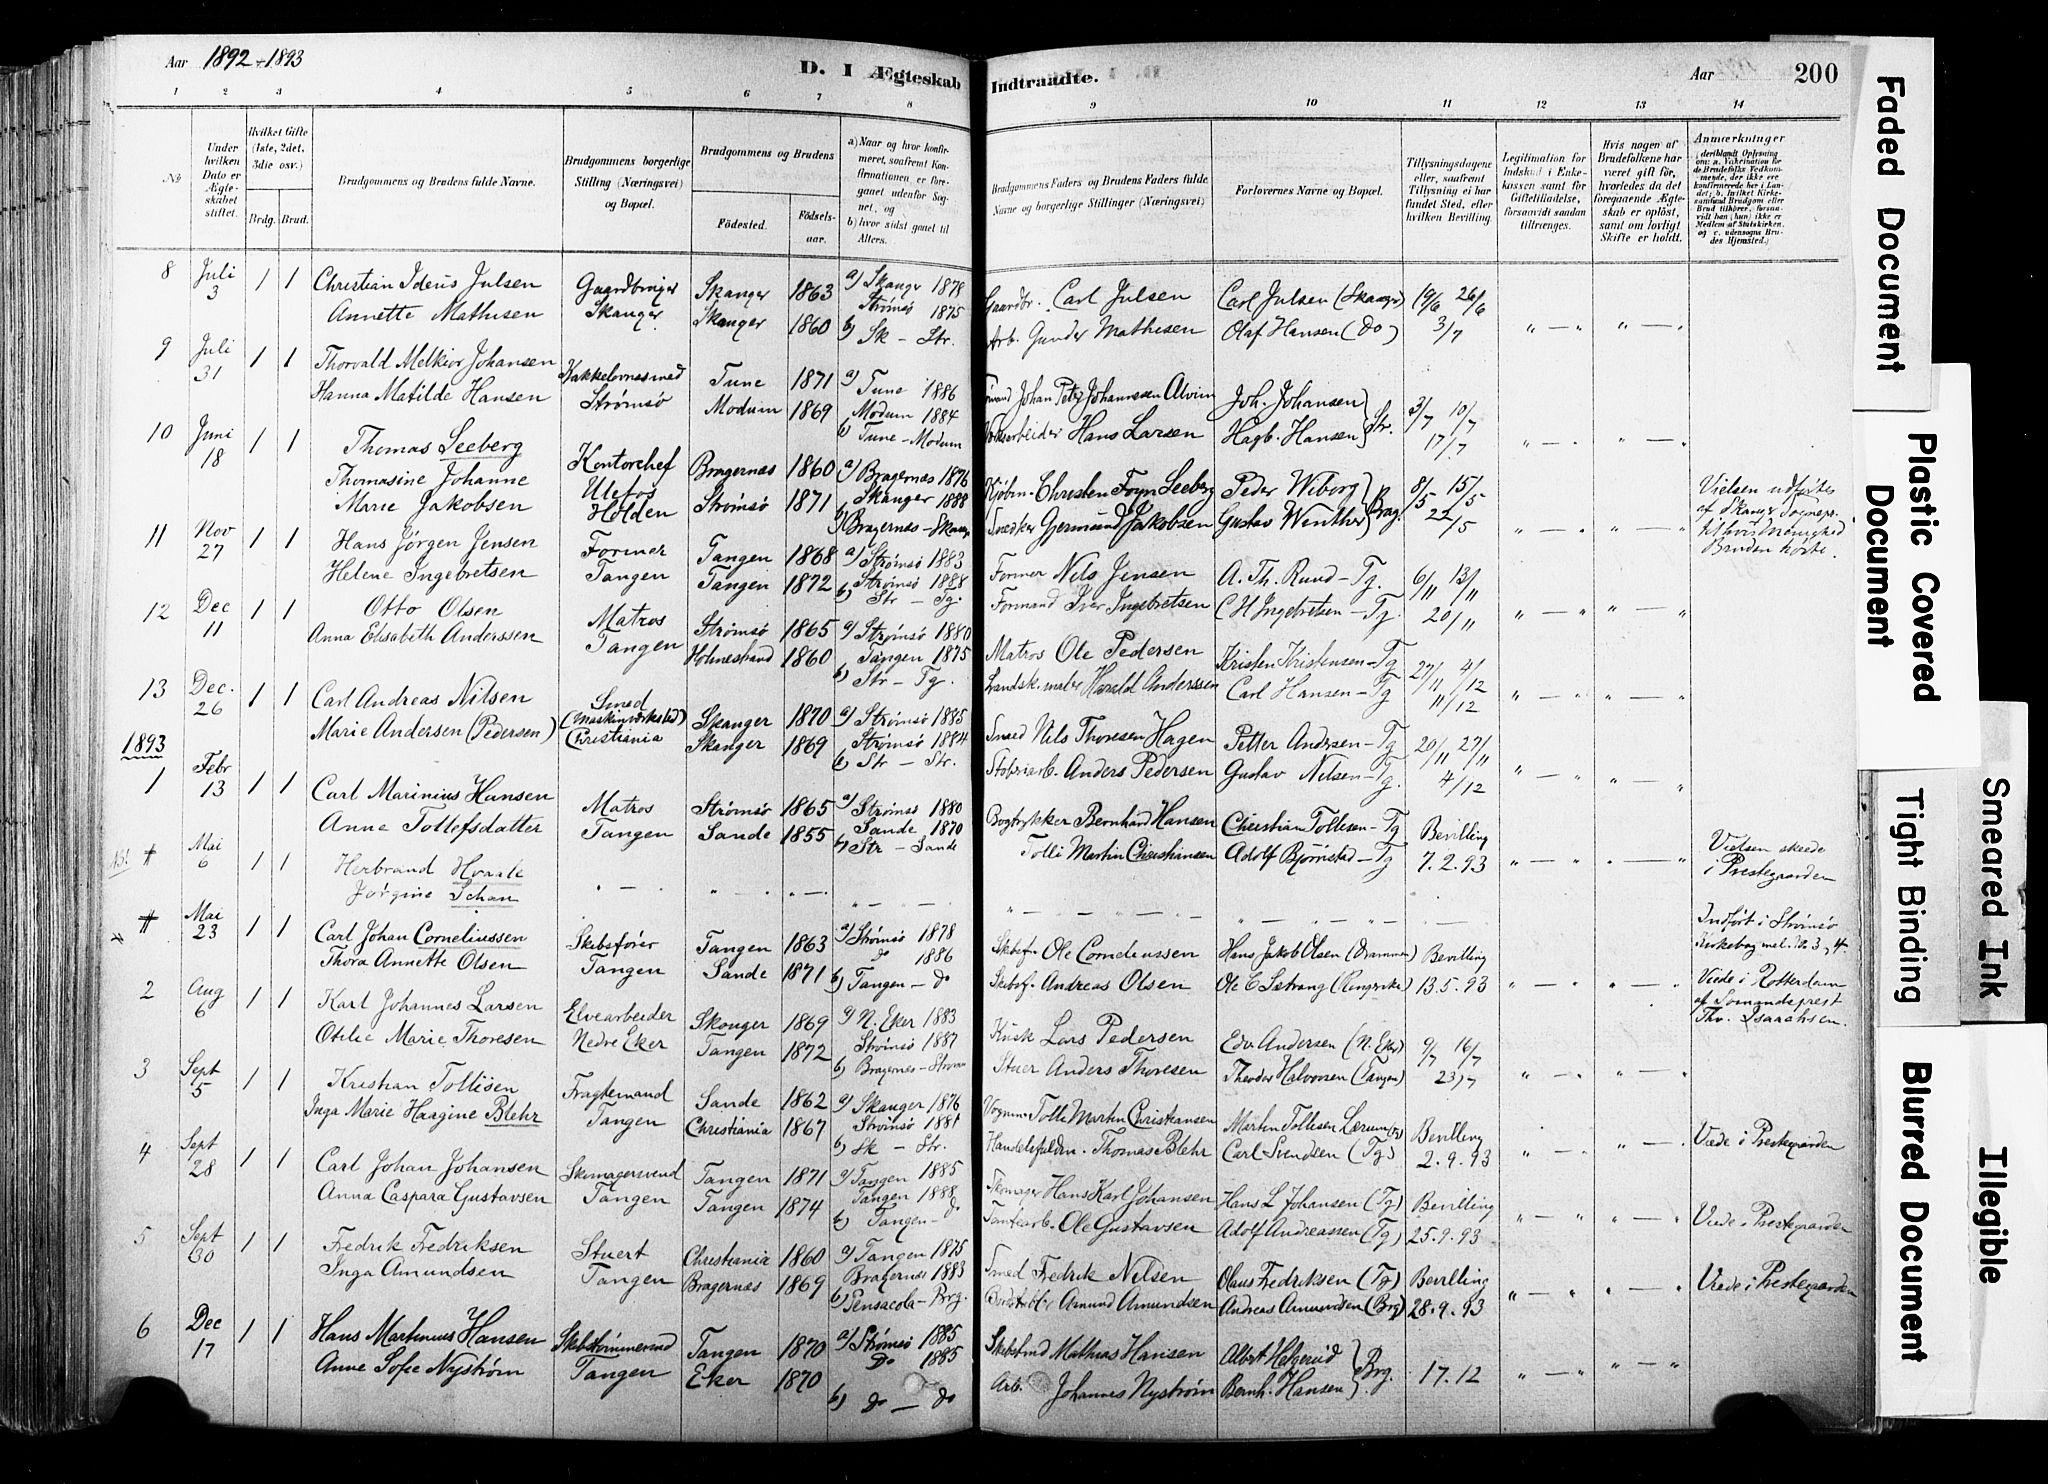 SAKO, Strømsø kirkebøker, F/Fb/L0006: Ministerialbok nr. II 6, 1879-1910, s. 200